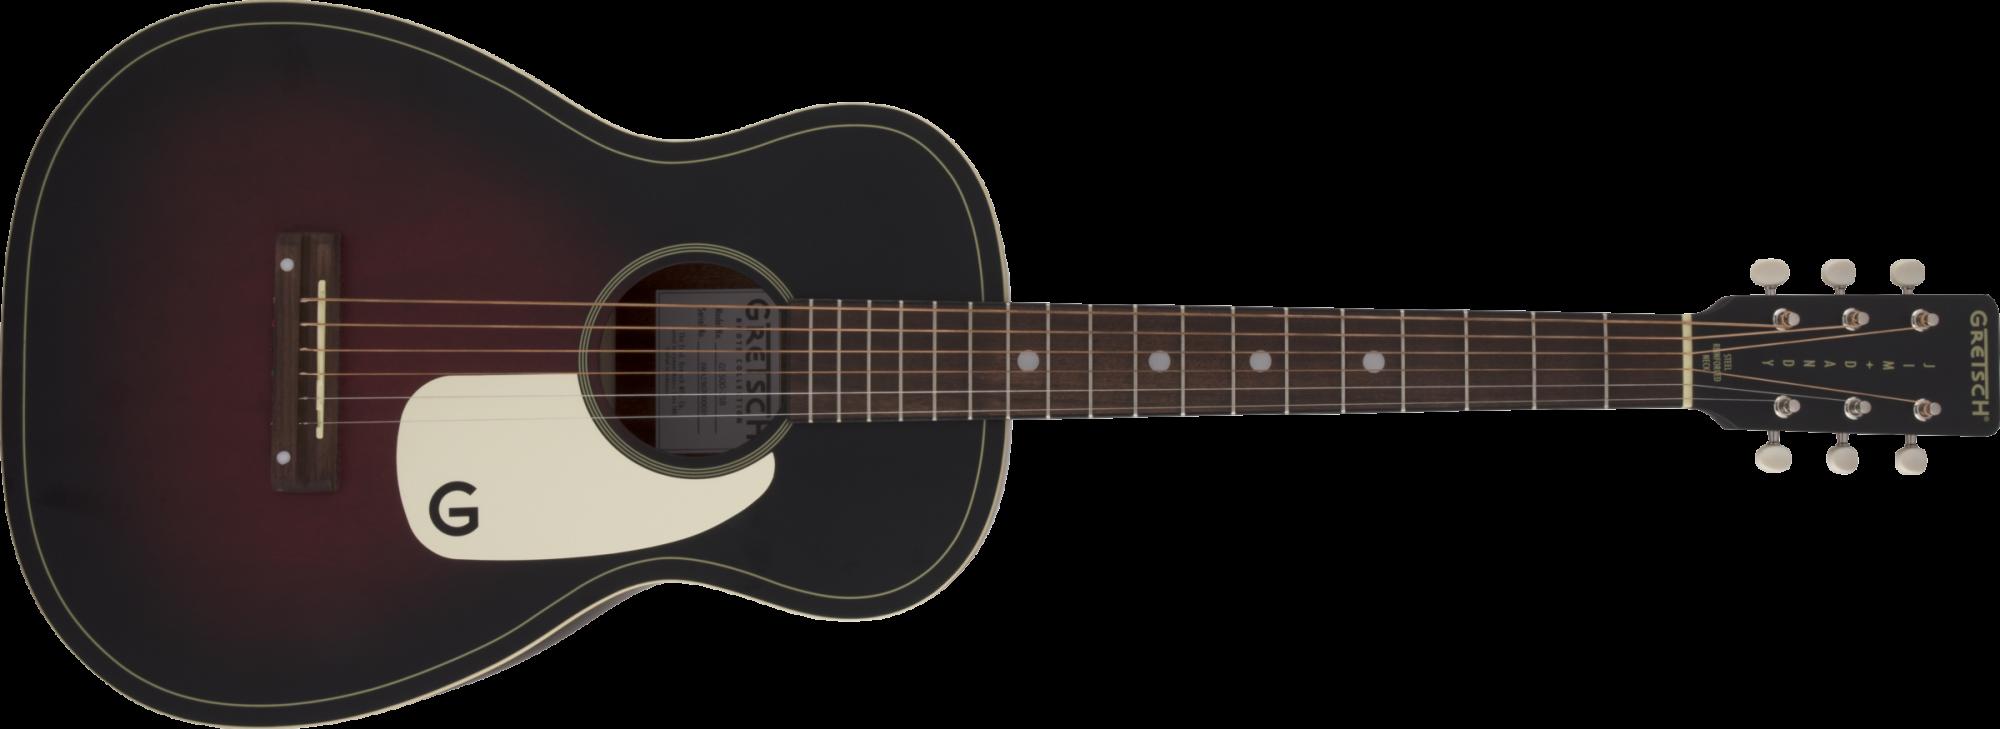 G9500 Jim Dandy 24 Acoustic Guitar